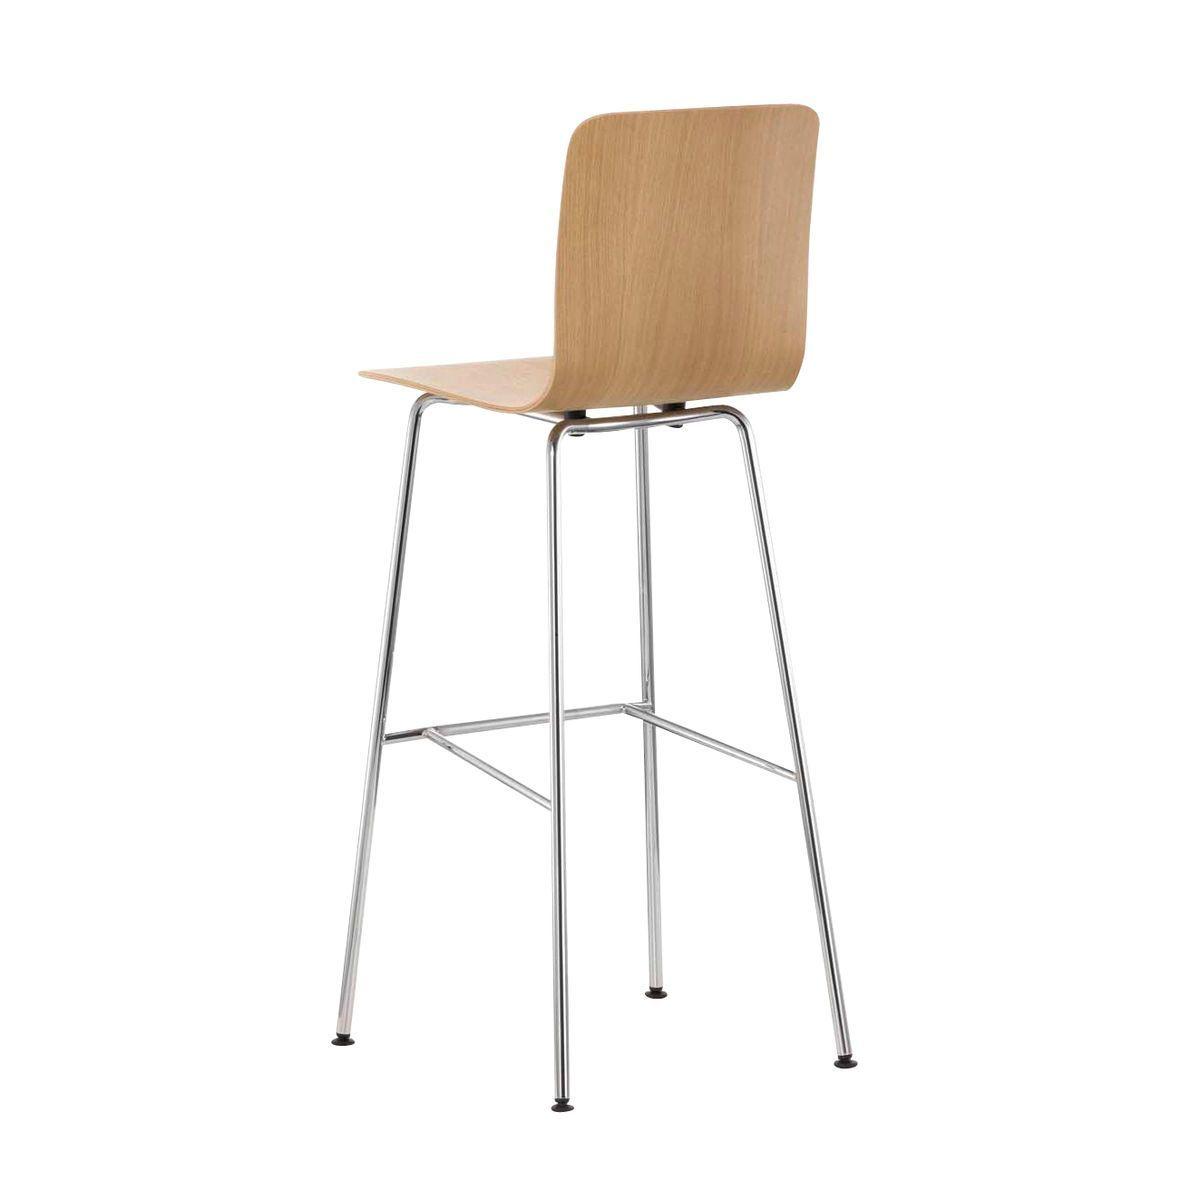 Hal ply stool high barhocker vitra for Barhocker 80 cm hoch